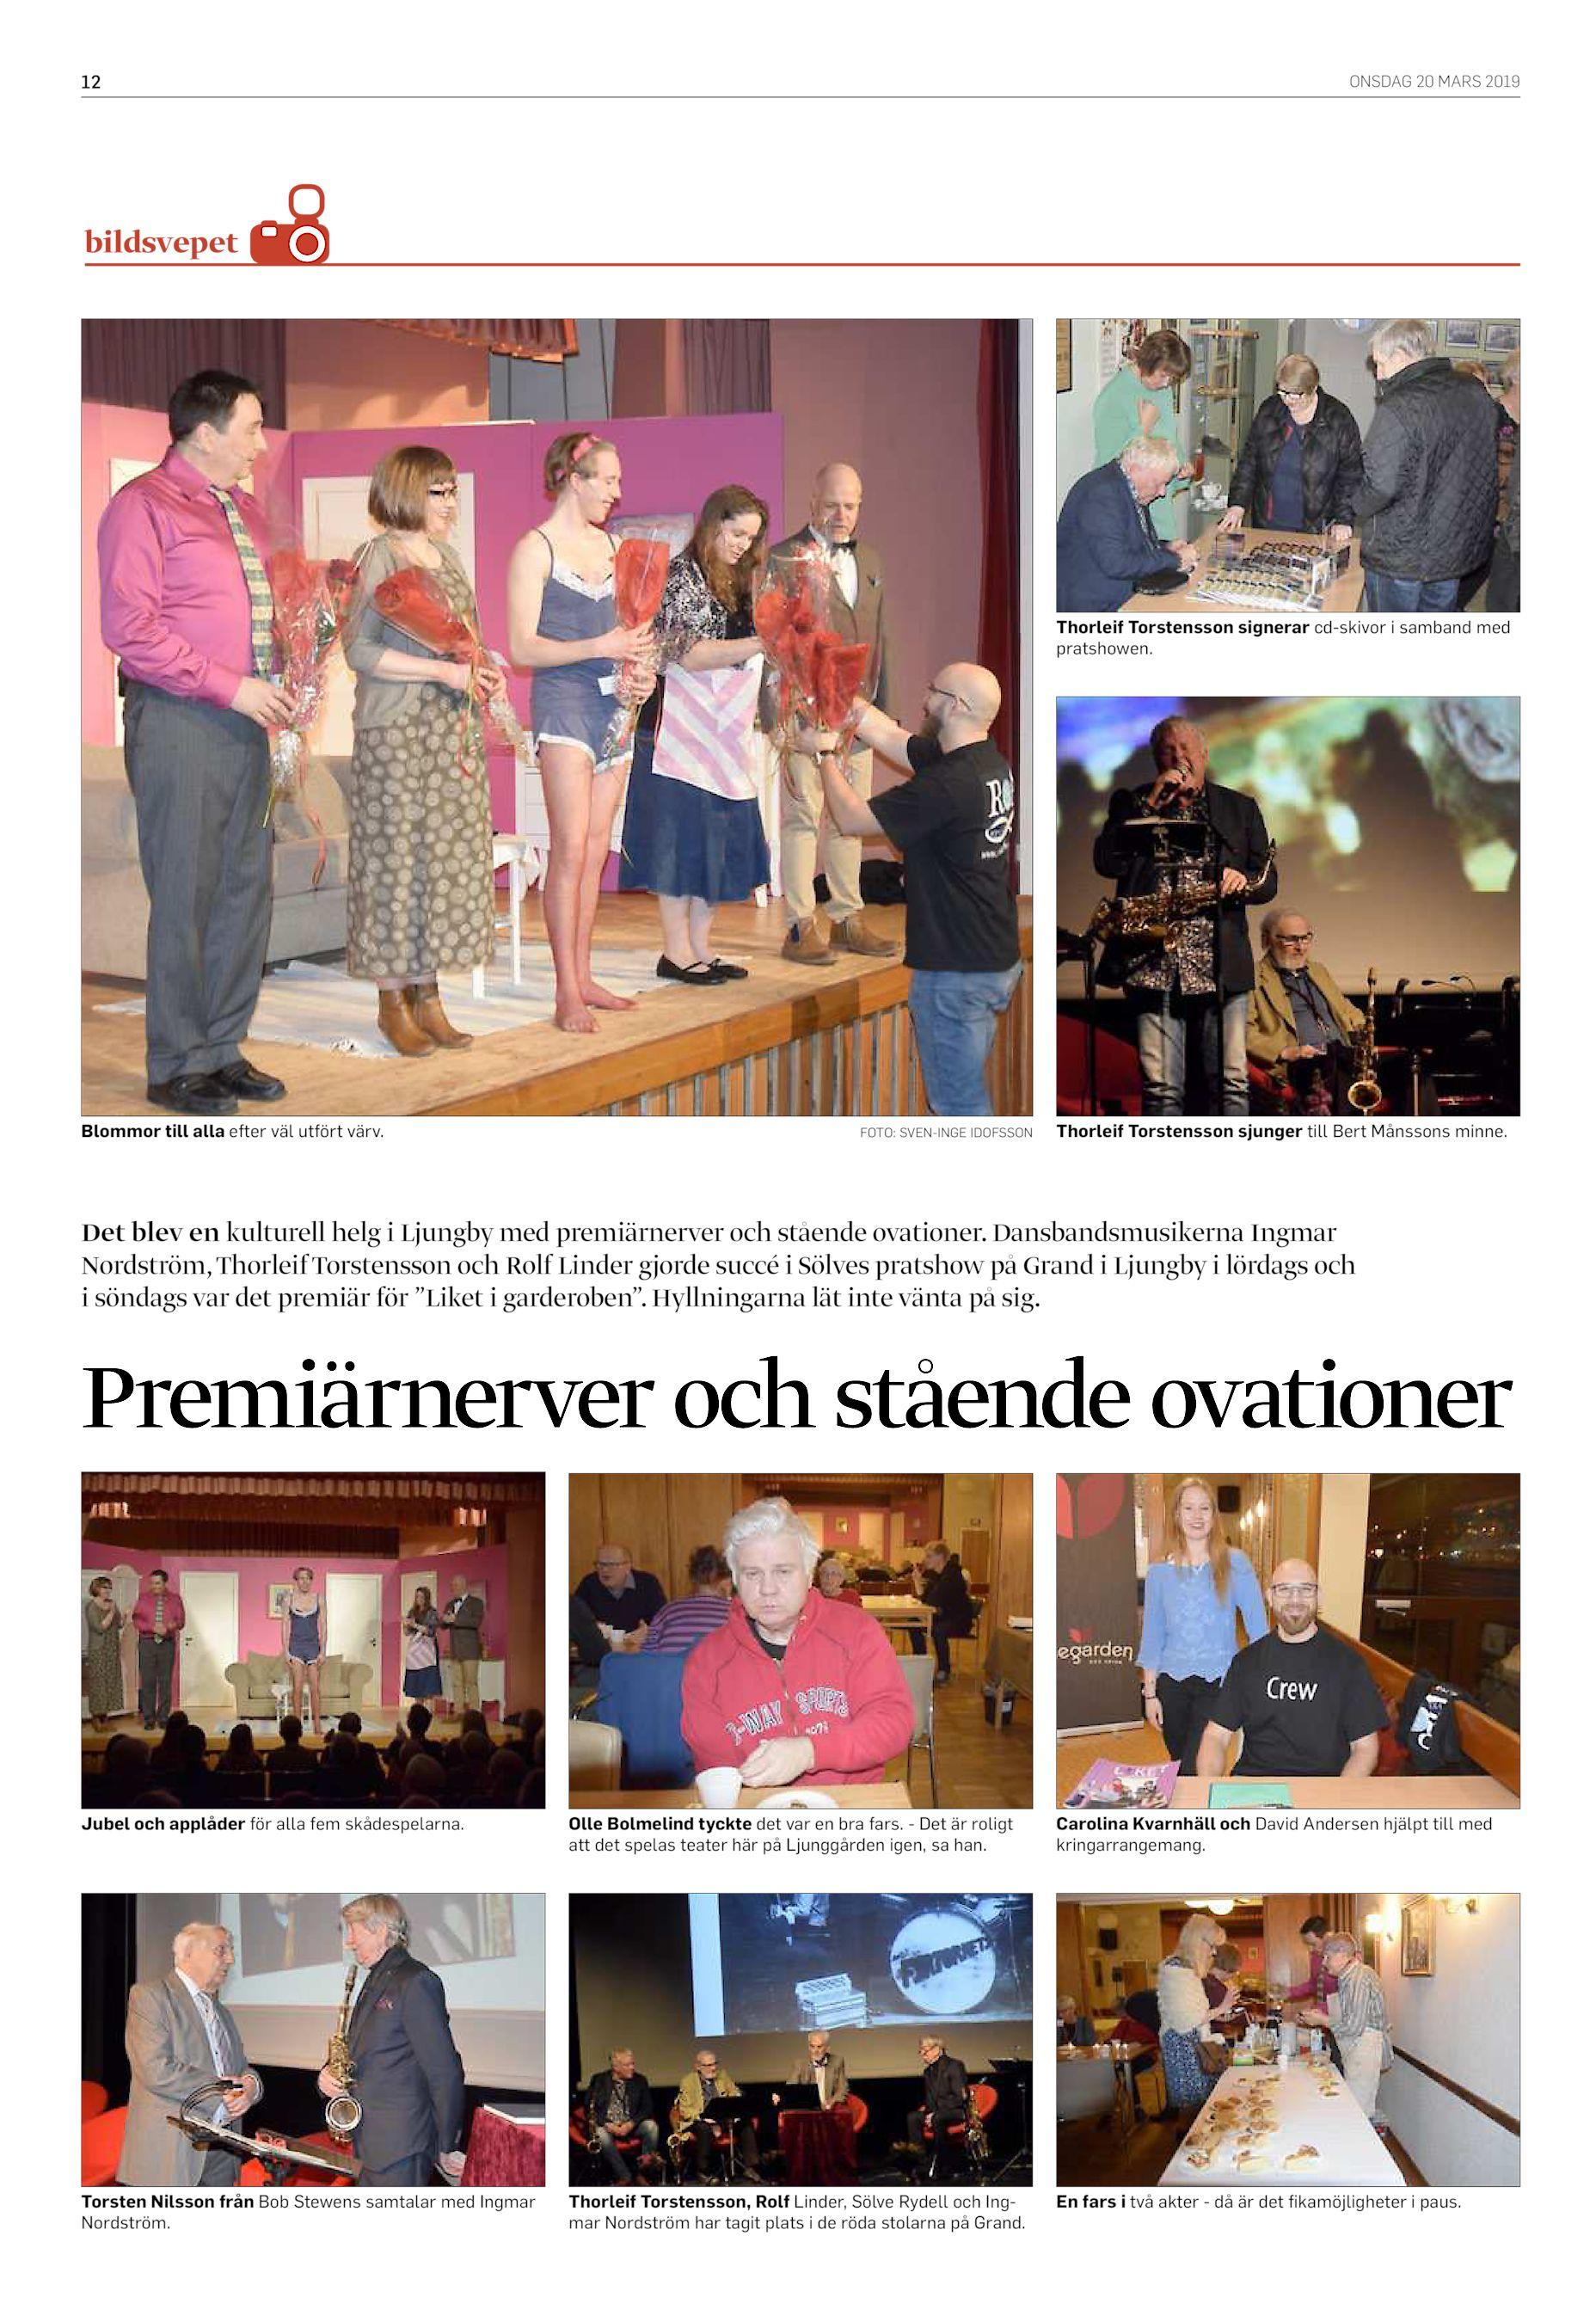 da76a2119087 12 ONSDAG 20 MARS 2019 bildsvepet Veckans bildsvep kommer avslutningsfesten  på restaurang XXxxxxxxxxxxxxxxx Thorleif Torstensson signerar cd-skivor i  ...